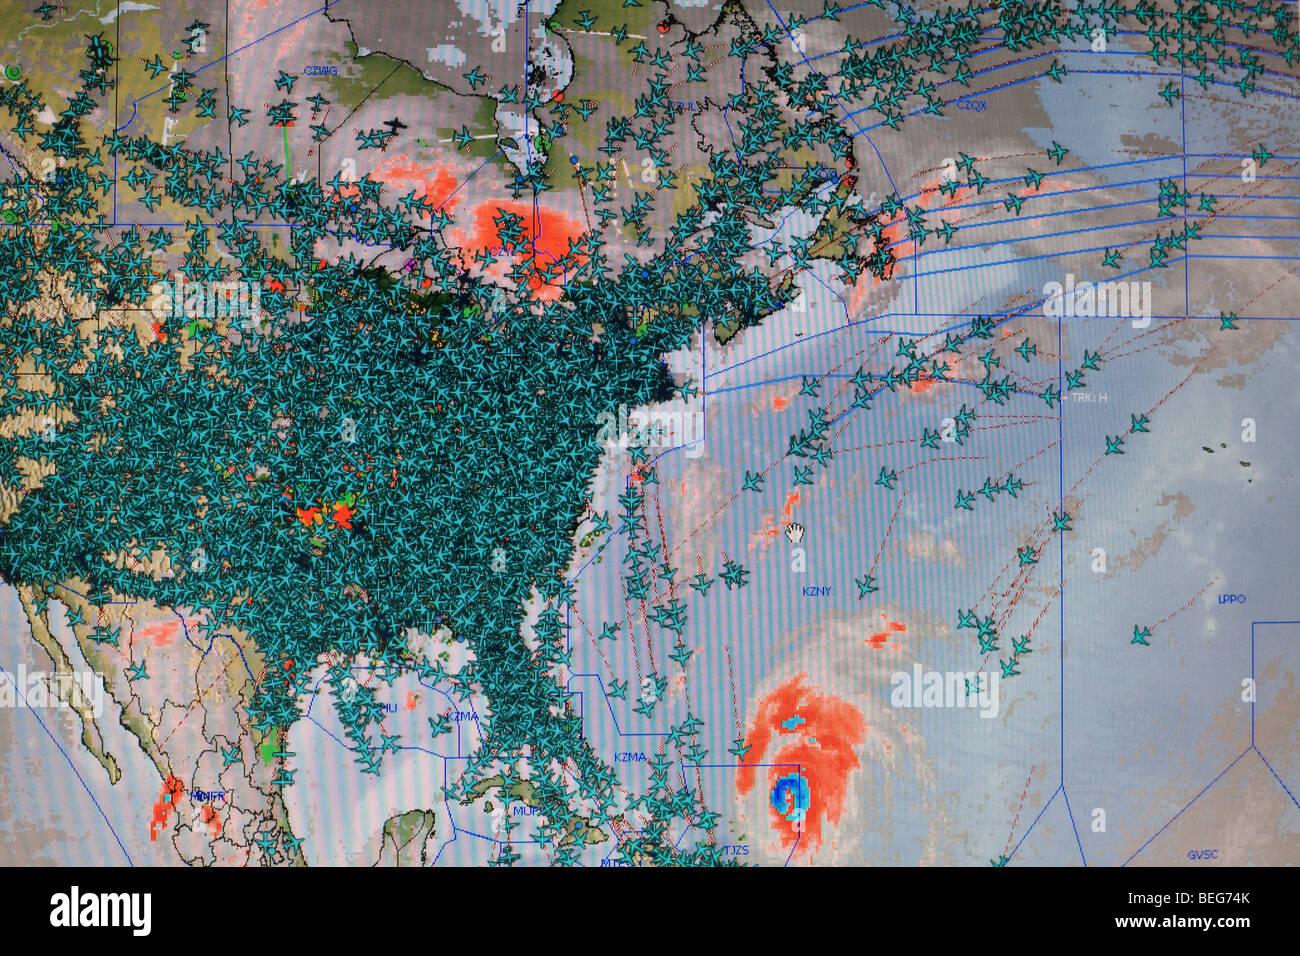 Echtzeit-Flug-tracking über US-Luftraum bei der British Airways Einsatzzentrale an ihre Ufer corporate HQ gesehen. Stockbild